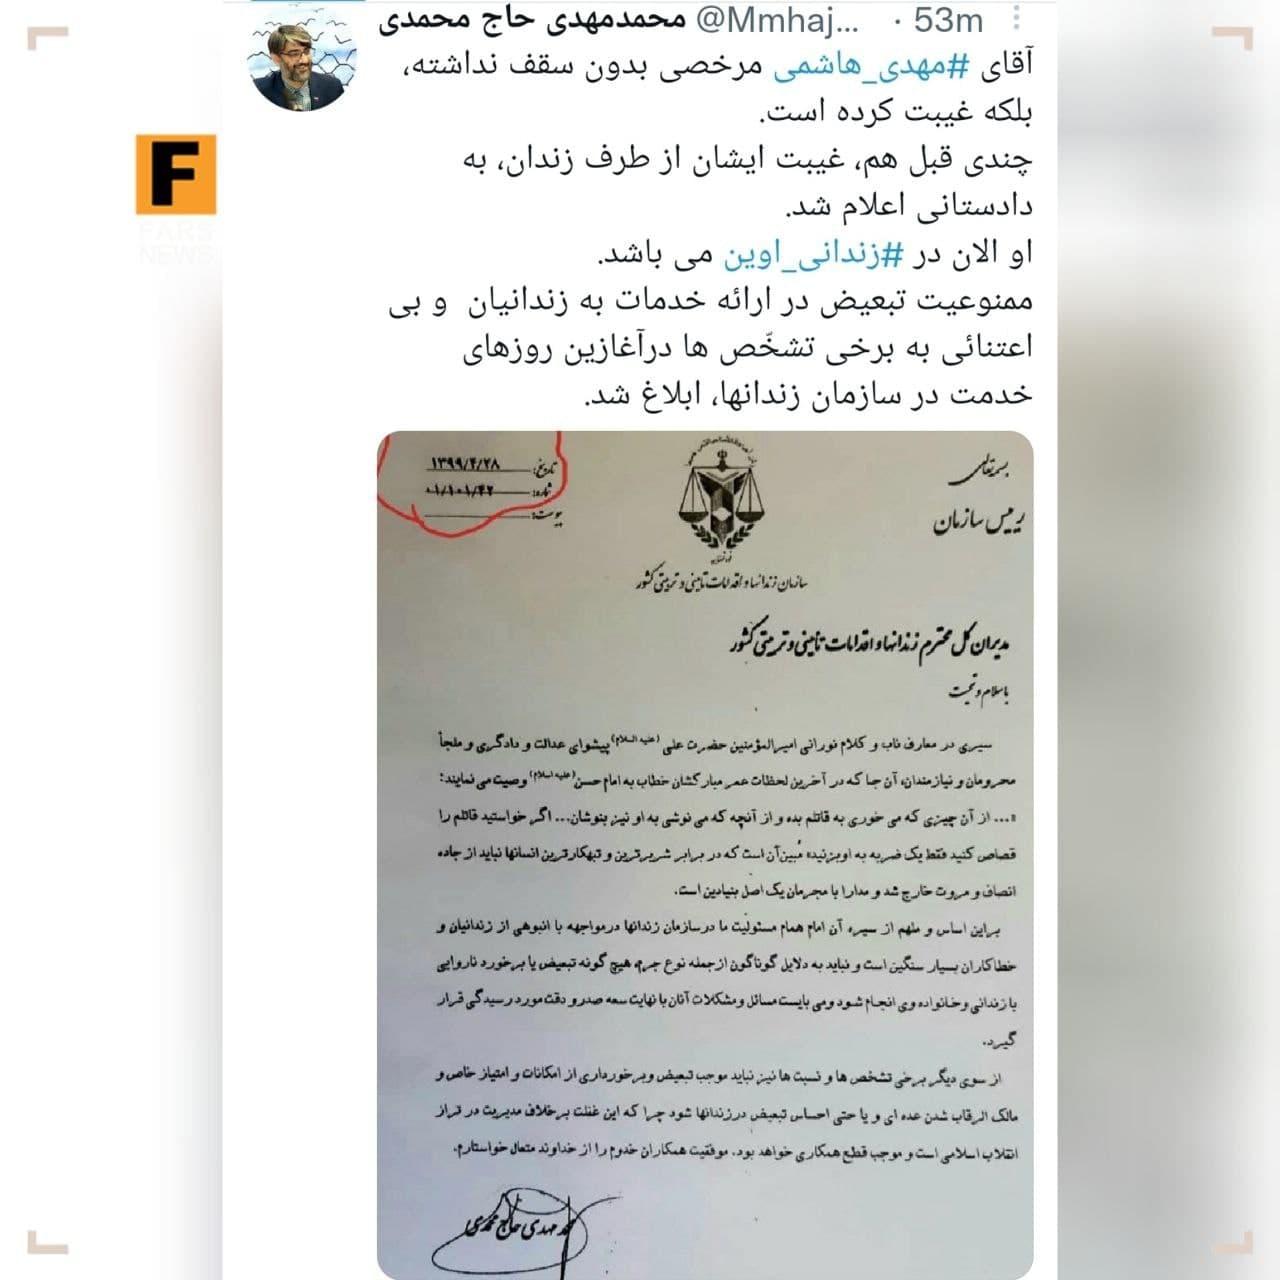 رئیس سازمان زندانها: «مهدی هاشمی» الان در زندان است